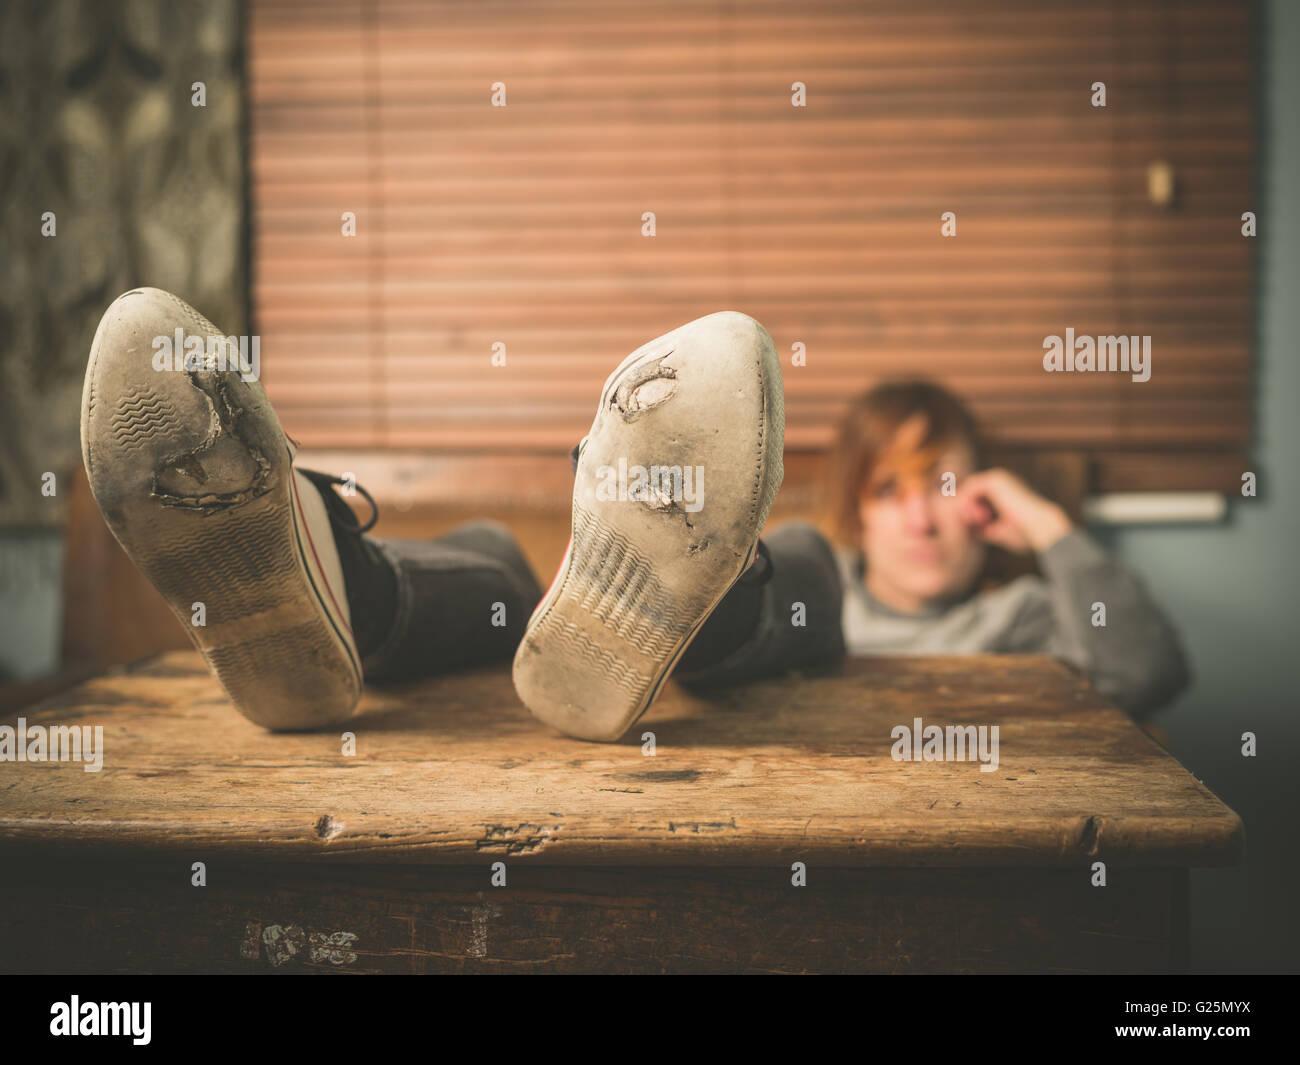 Eine junge Frau trägt Schuhe abgenutzt ist ihre Füße ruhen auf einem Tisch zu Hause Stockfoto